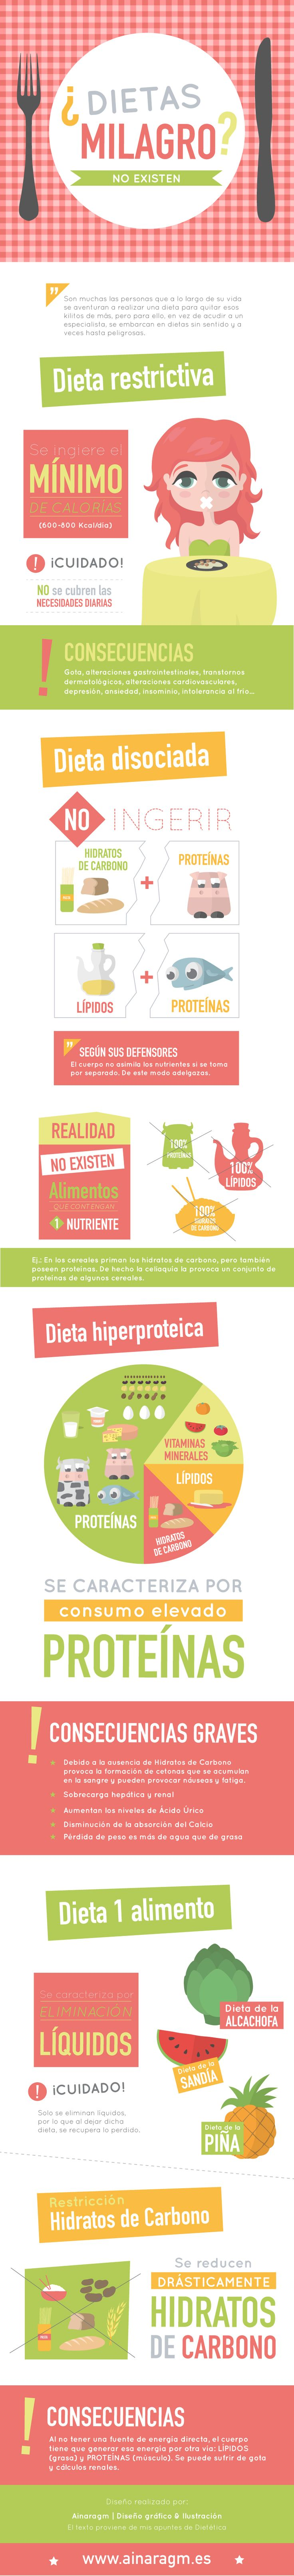 #Infografia sobre las características y sus consecuencias de las #dietas milagro